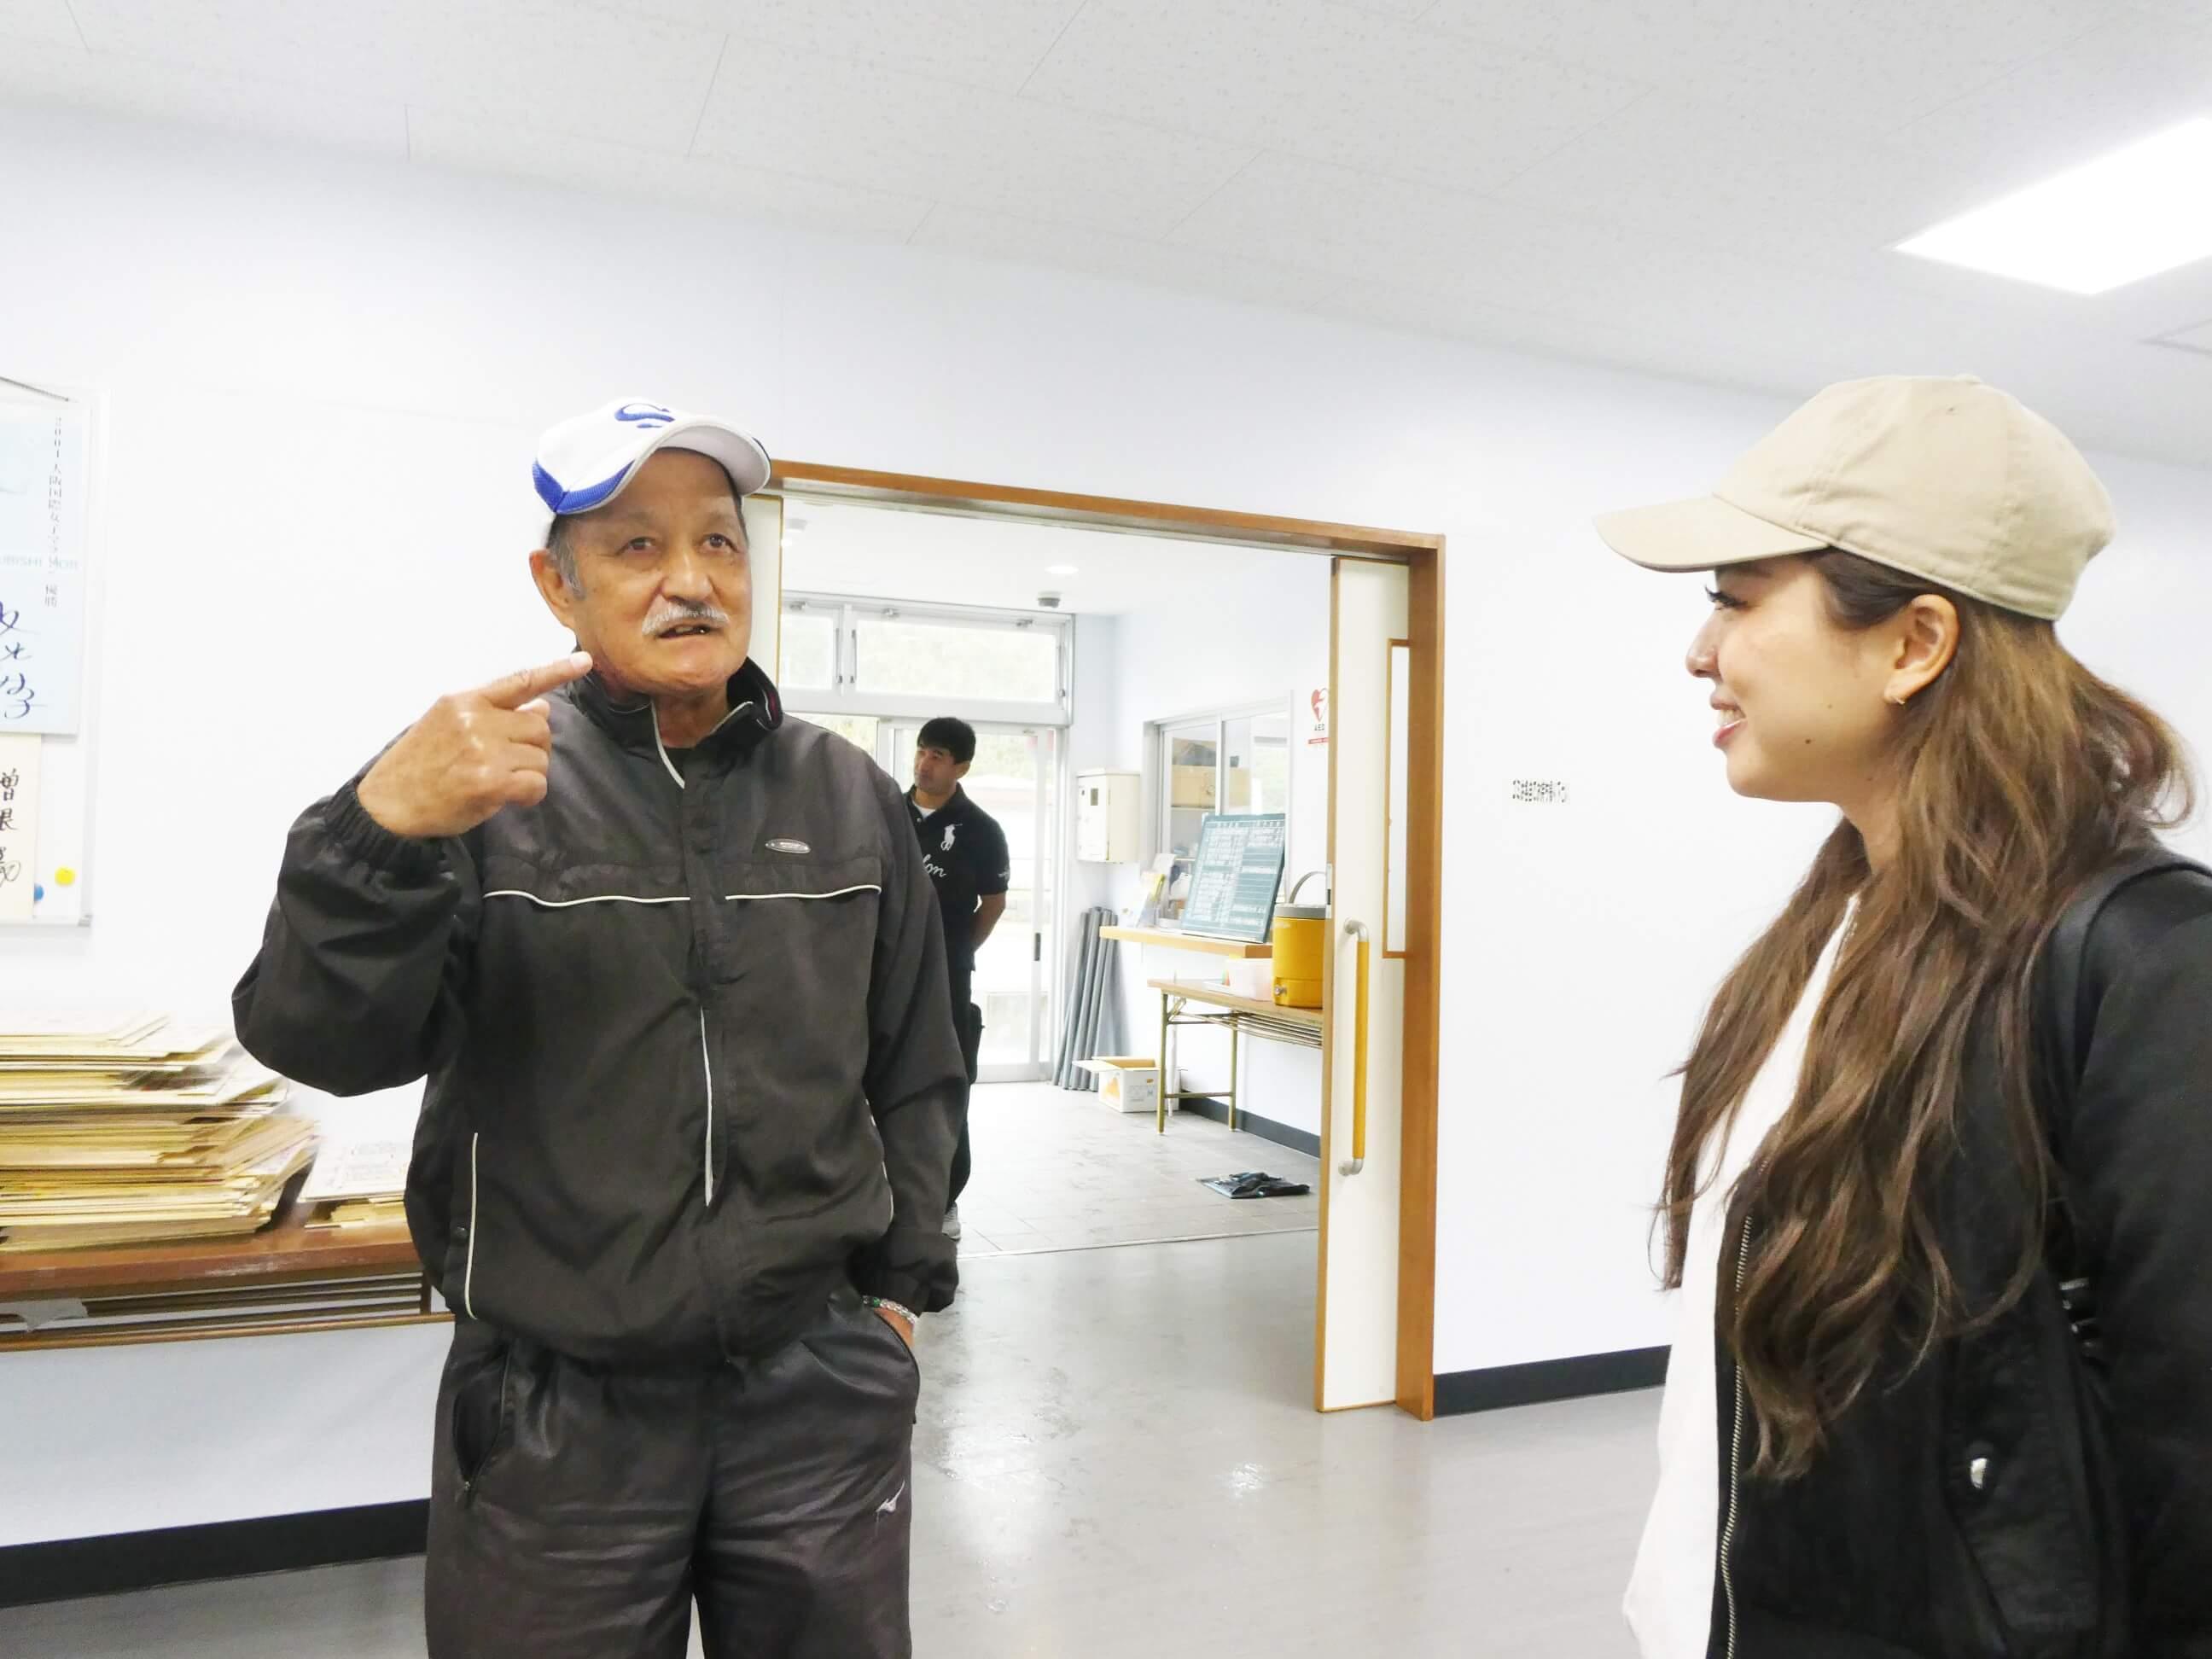 名瀬運動公園管理人の曽根さんと女性